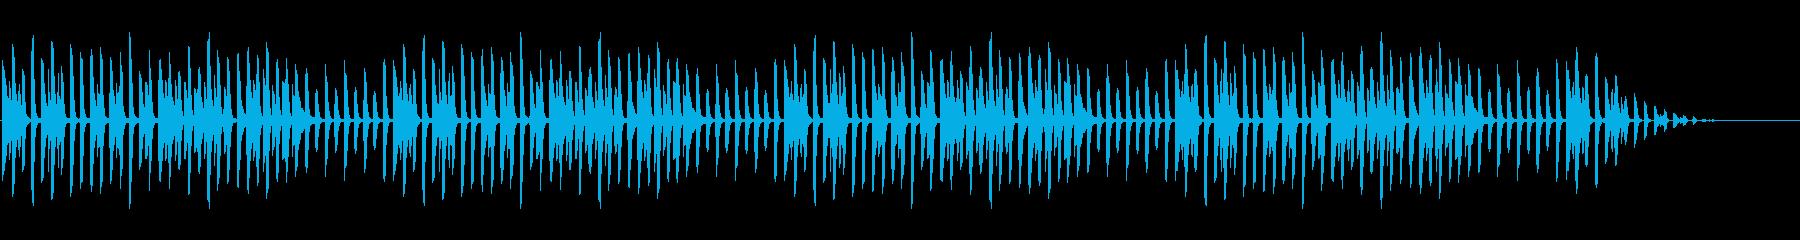 冬の童謡の定番「雪」シンプルなピアノソロの再生済みの波形